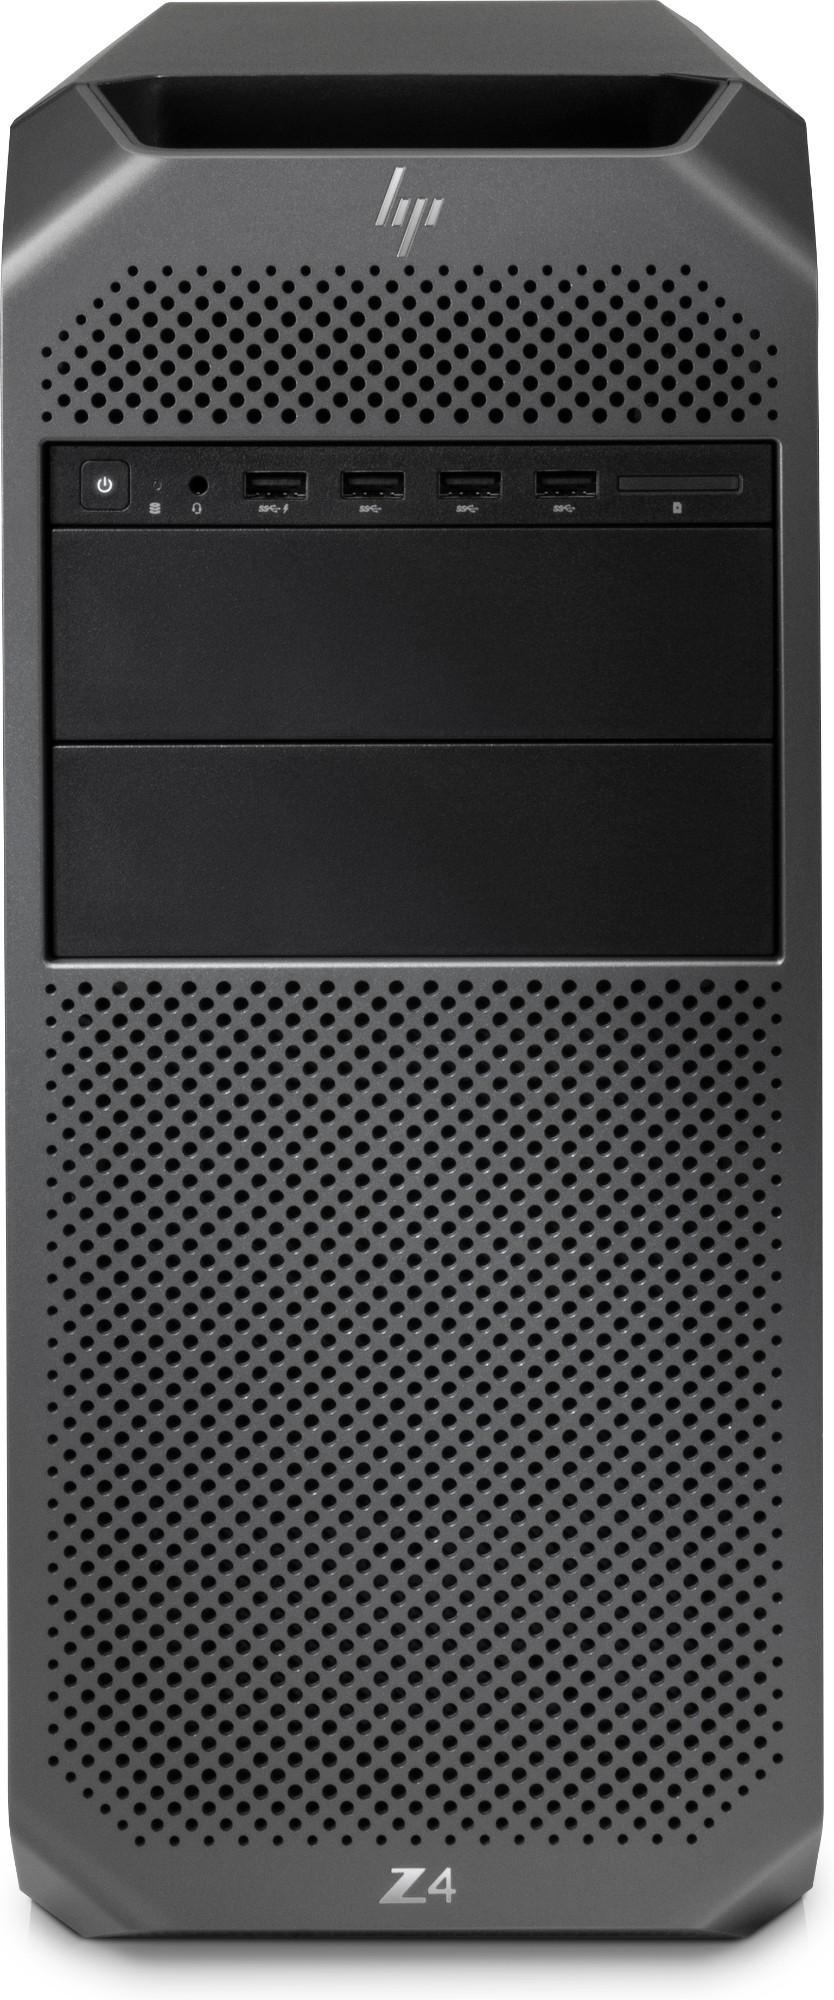 Workstation Z4 G4 TW - W2102 - 8GB RAM - 1TB HDD - Win10 Pro - Qwerty UK